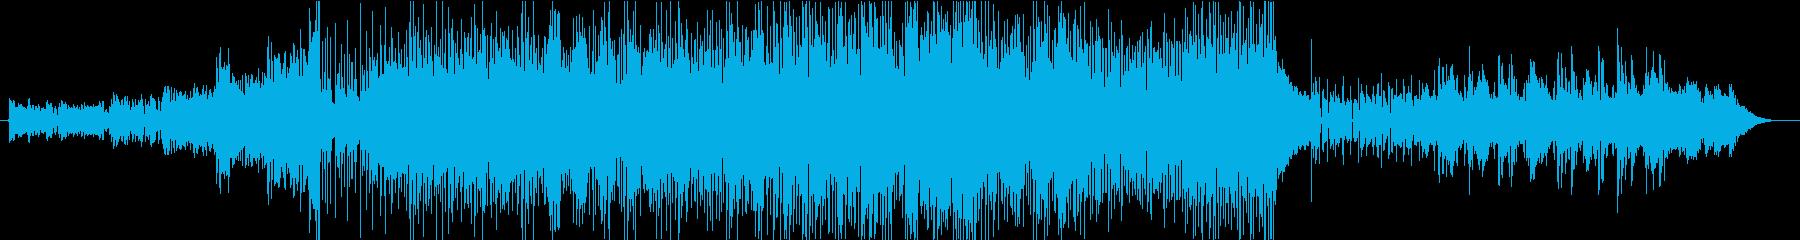 国歌コーラン節の再生済みの波形